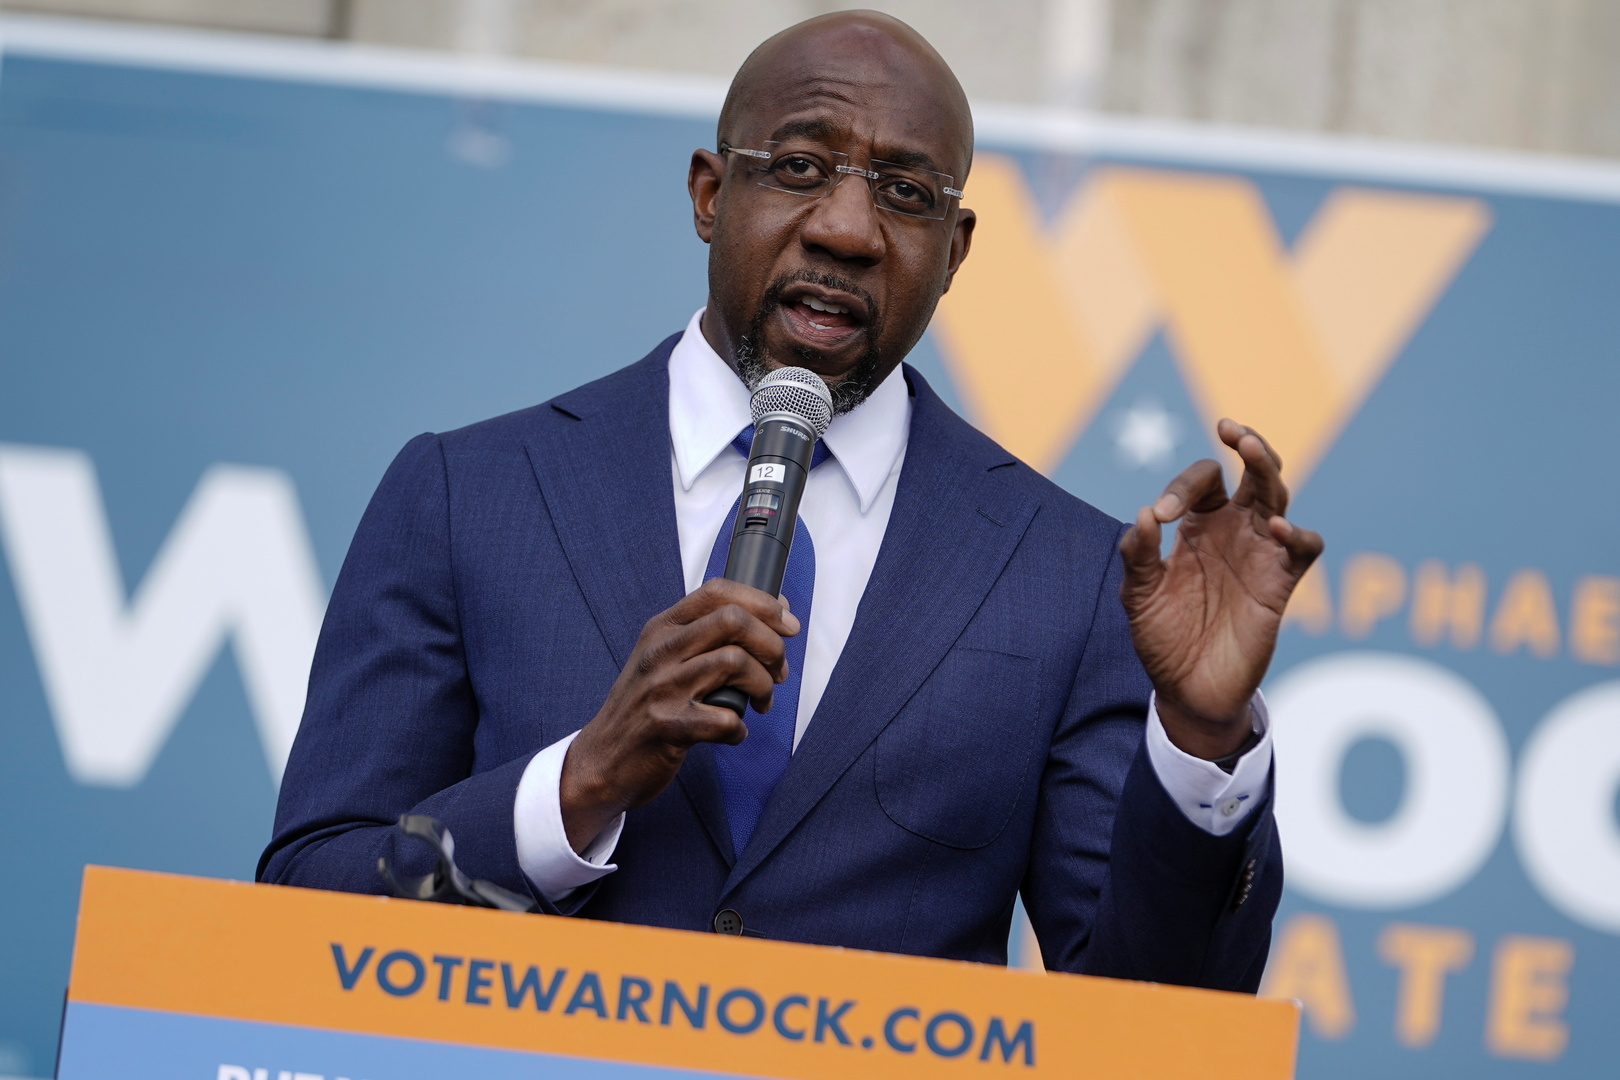 الديمقراطي وارنوك يعلن فوزه بأحد مقعدي جورجيا في مجلس الشيوخ الأمريكي